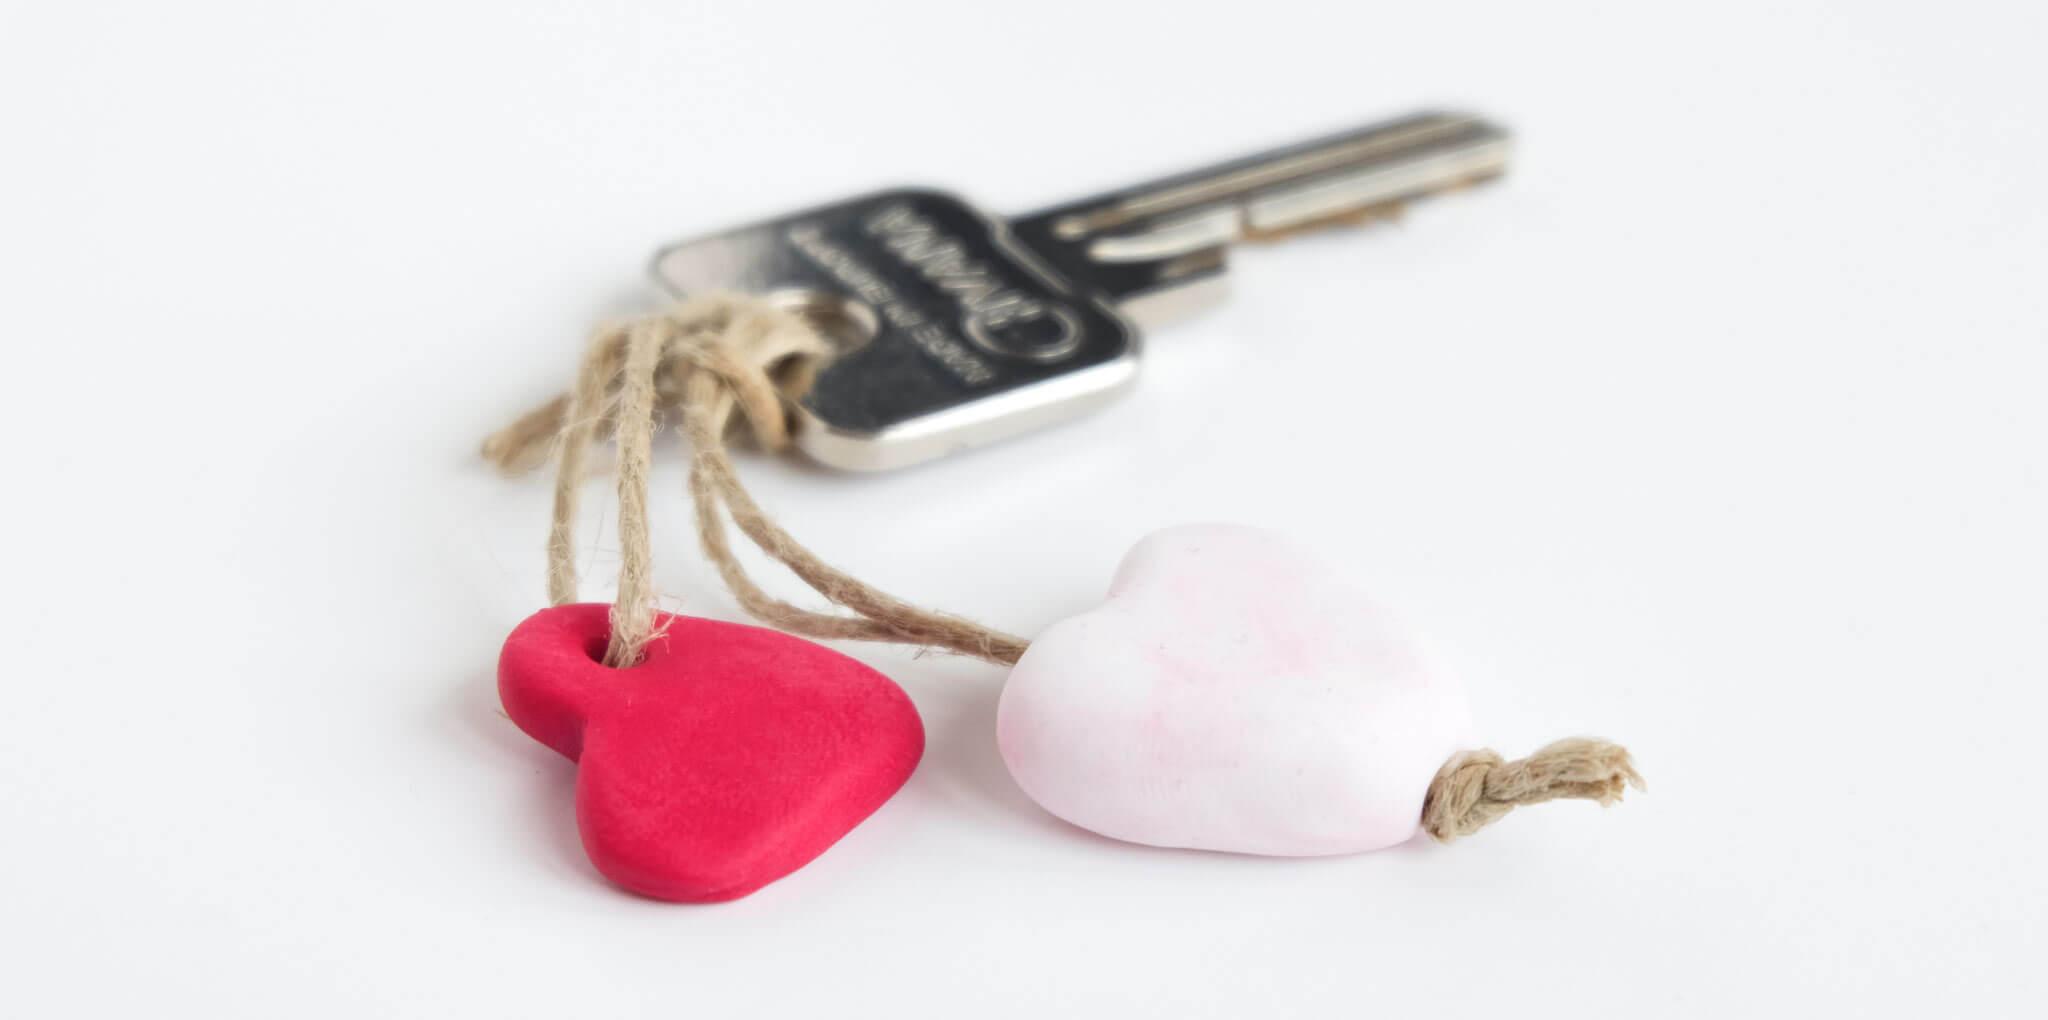 DIY valentijnshartjes van FIMO klei | Maak hartjes sleutelhangers van FIMO klei als cadeautje voor Valentijnsdag